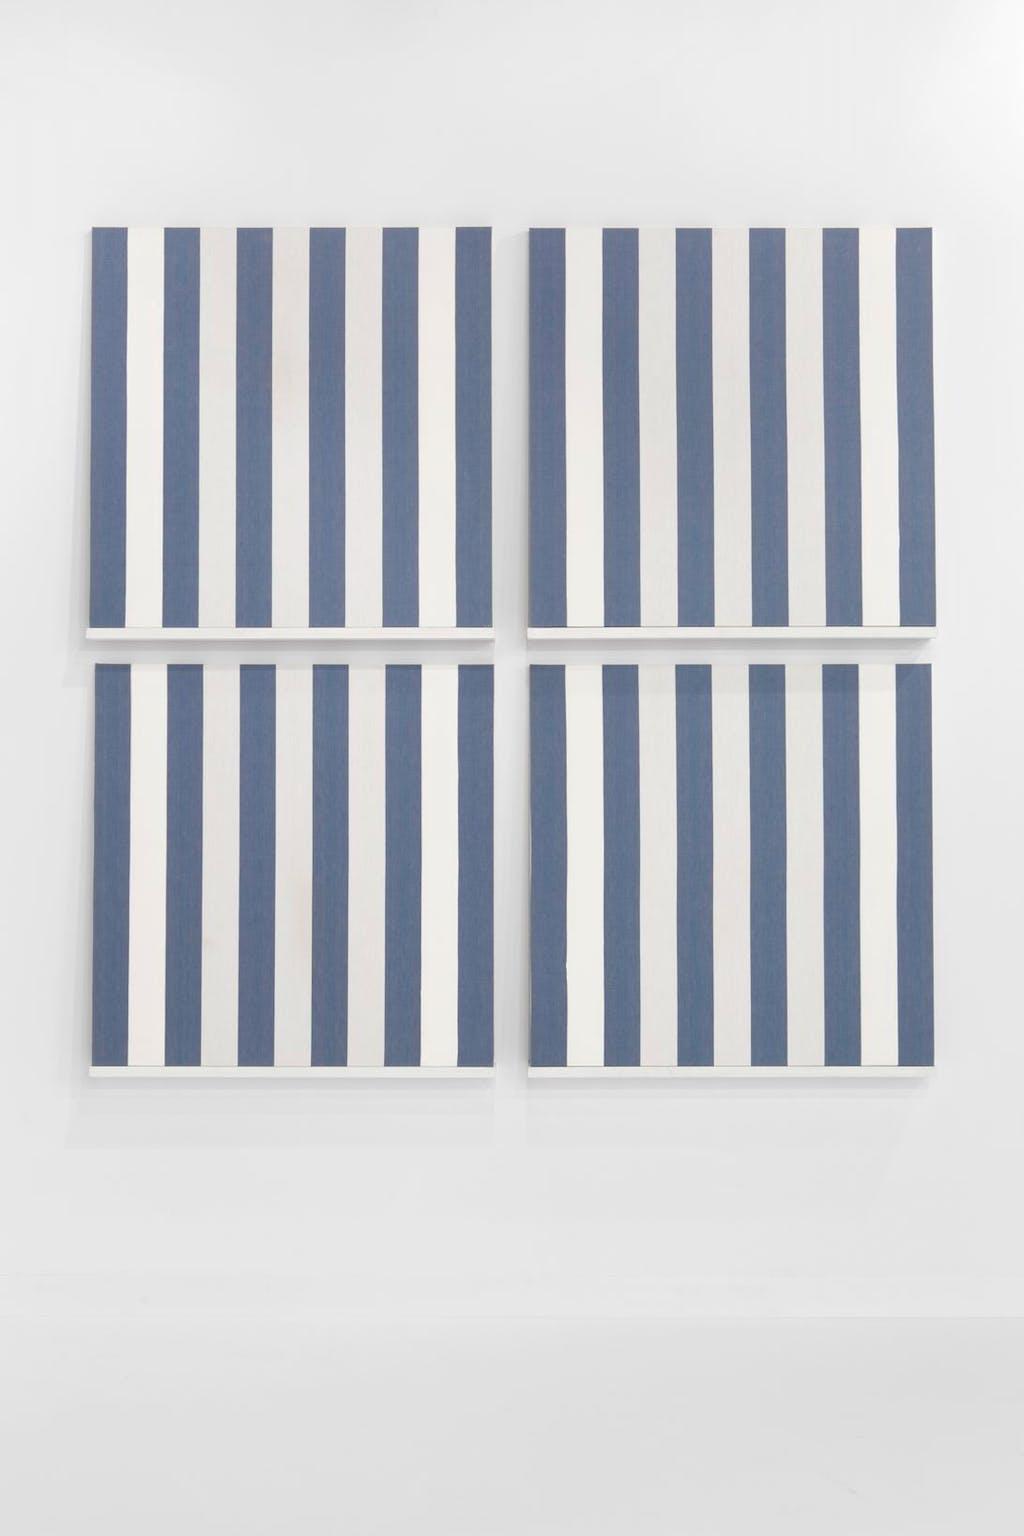 Les Tableaux, quatre éléments, bleu marine, situated work - © kamel mennour